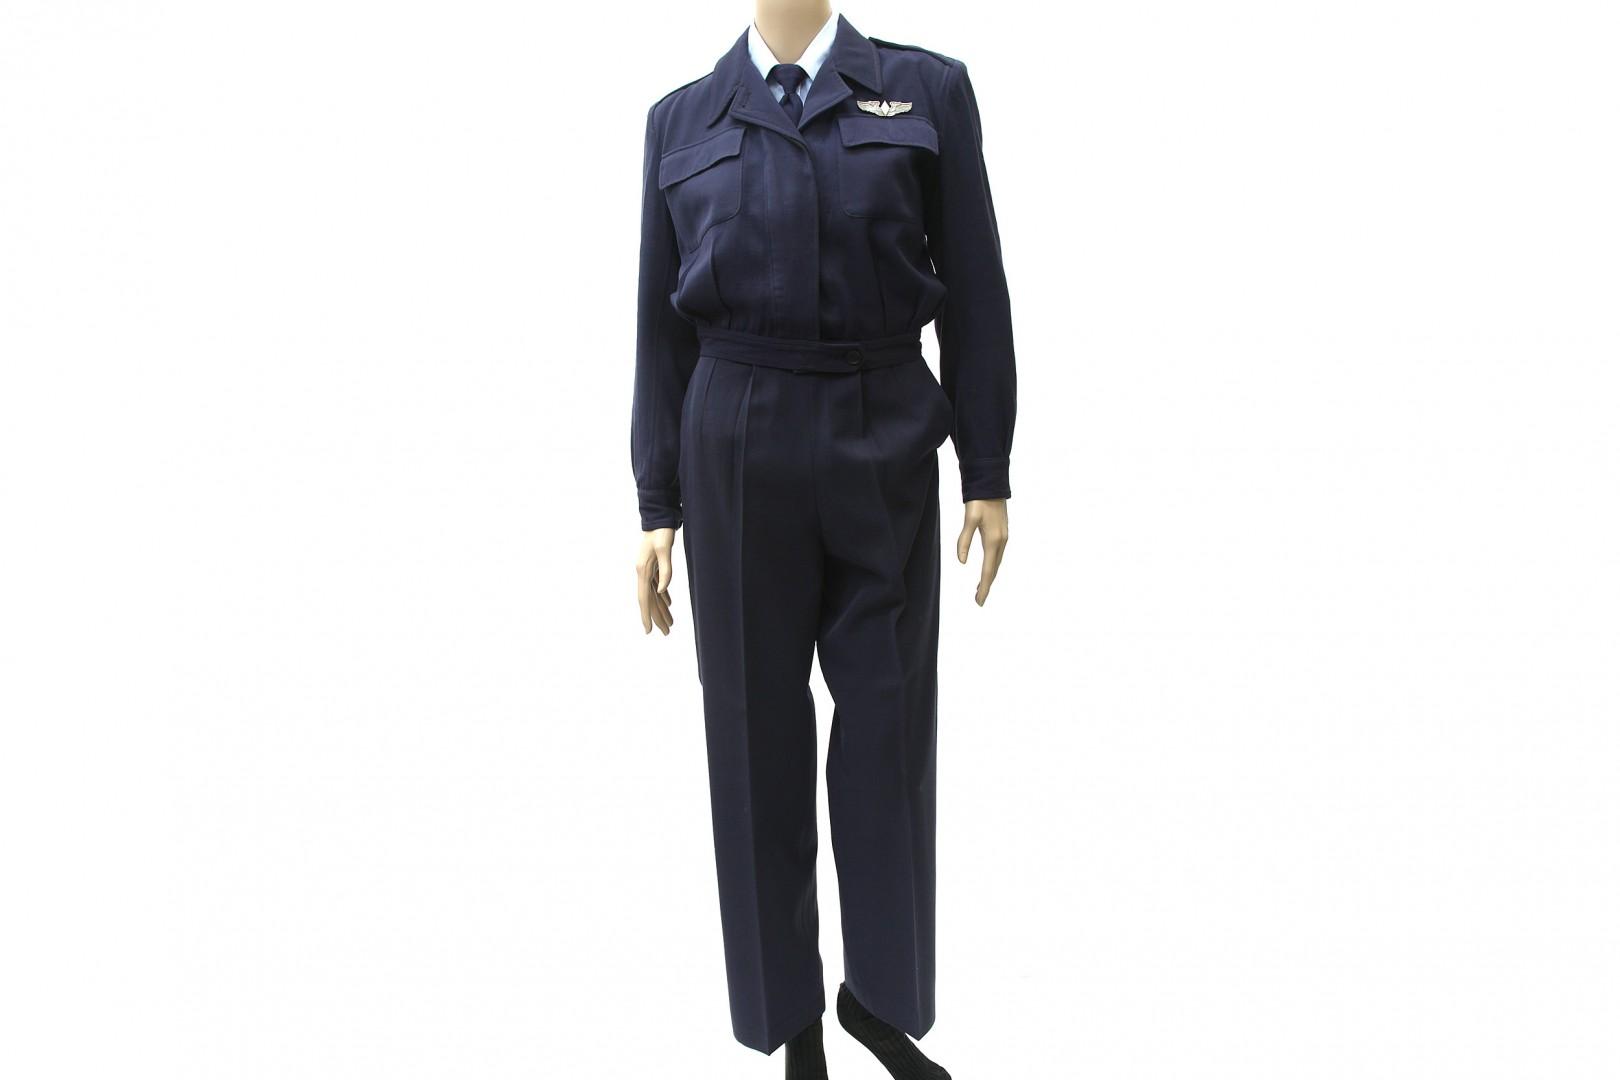 994cf47b522f Women s Airforce Service Pilot Uniform - Air Mobility Command Museum